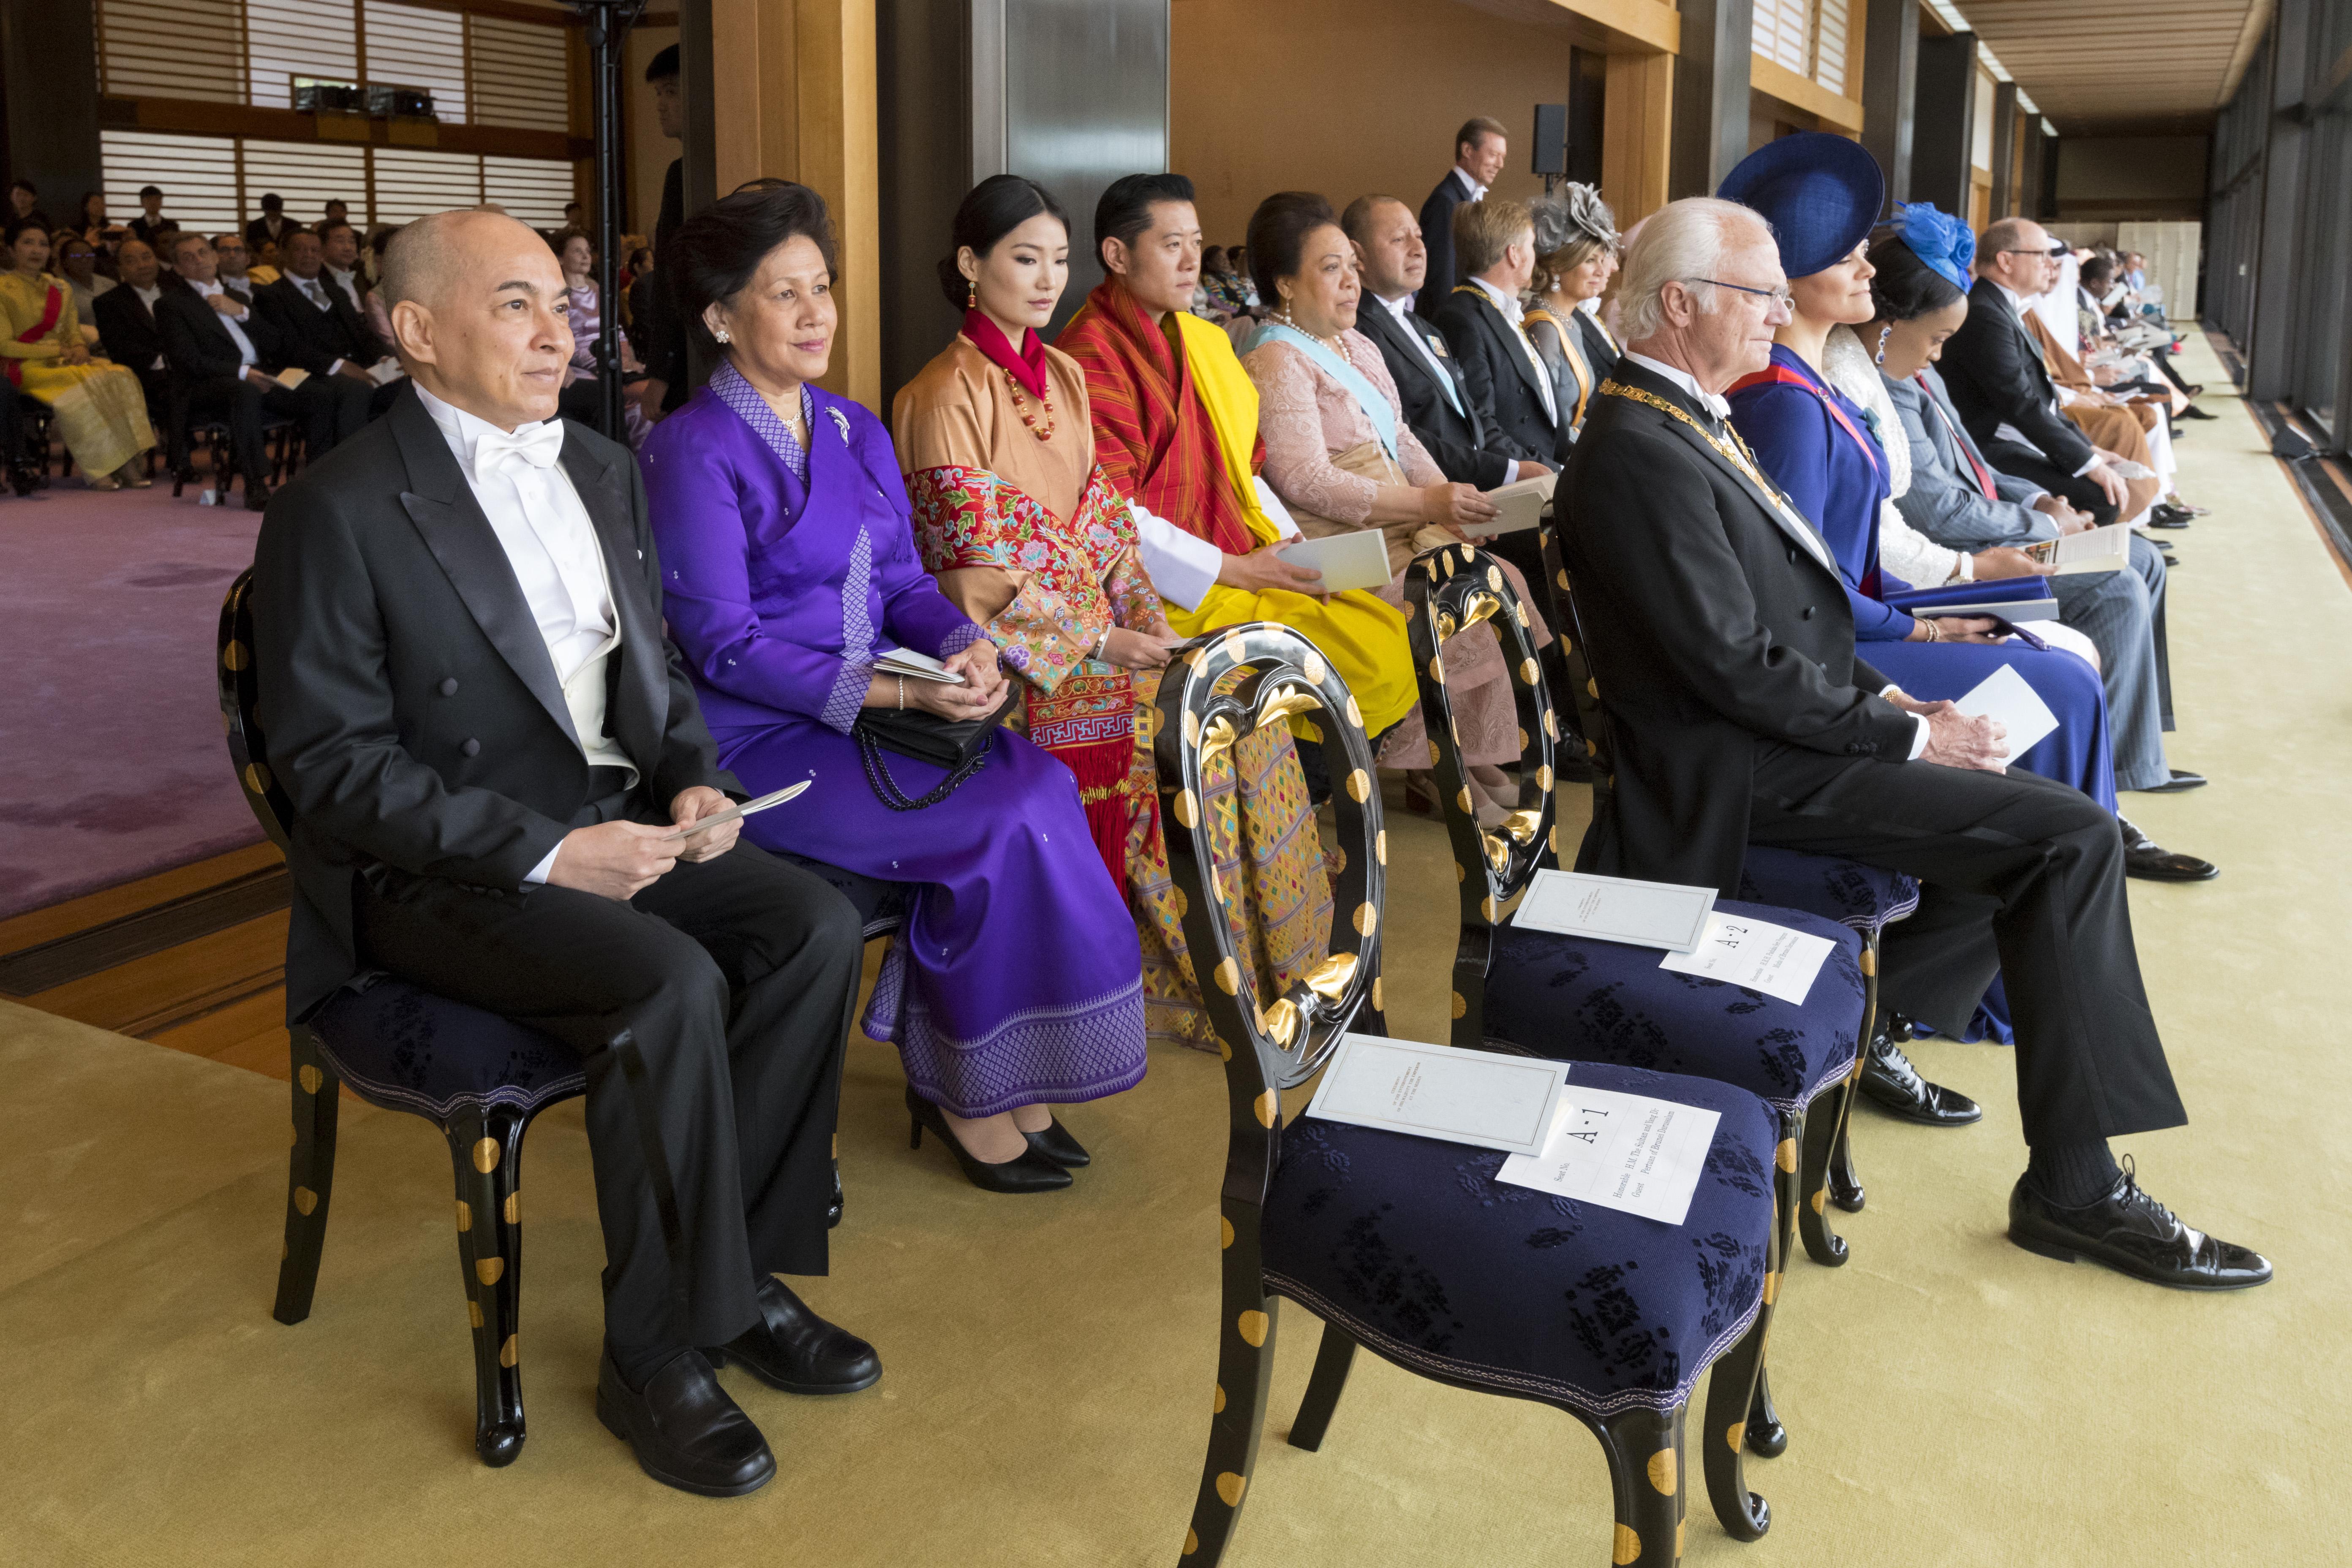 Esta foto se muestra al rey sueco Carl XVI Gustaf (primera fila izquierda) y a su hija, la princesa heredera Victoria (primera fila, segunda a la izquierda), el rey de Camboya, Norodom Sihamoni (segunda fila derecha), el rey de Bután, Jigme Khesar Namgyel Wangchuck (segunda fila, cuarto a la izquierda) y la reina Jetsun Pema (segunda fila, tercera a la izquierda) (AFP)